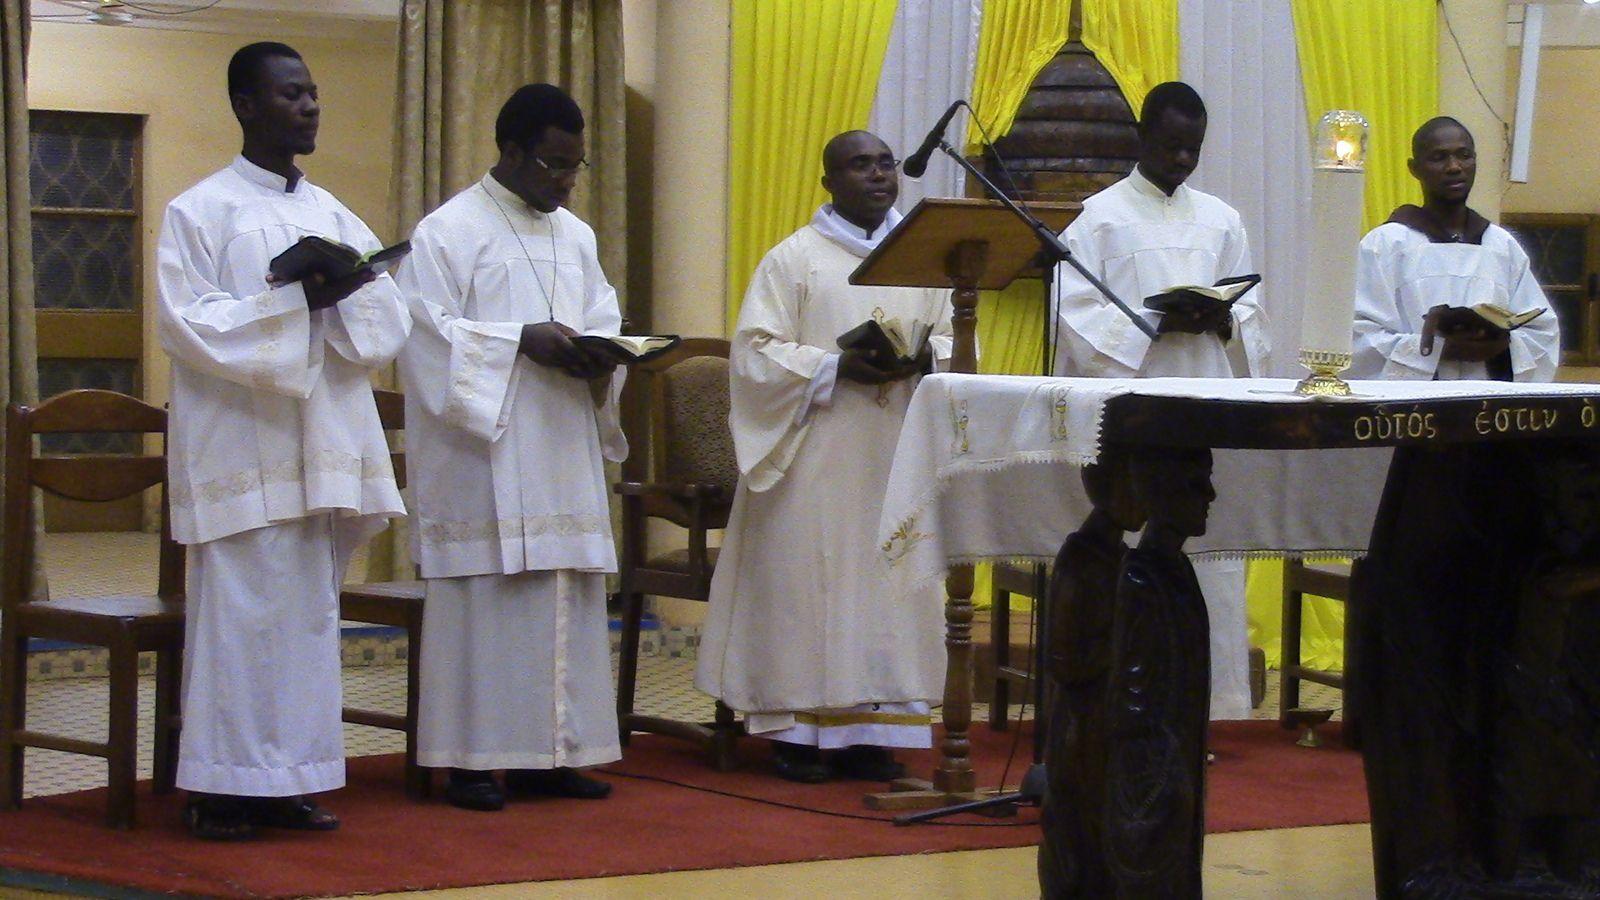 L'abbé Antoine, un père du désert  affirme : «Du prochain vient la vie ou la mort. En effet, si nous gagnons notre frère, nous gagnons Dieu; mais si nous scandalisons notre frère, nous pêchons contre Dieu».